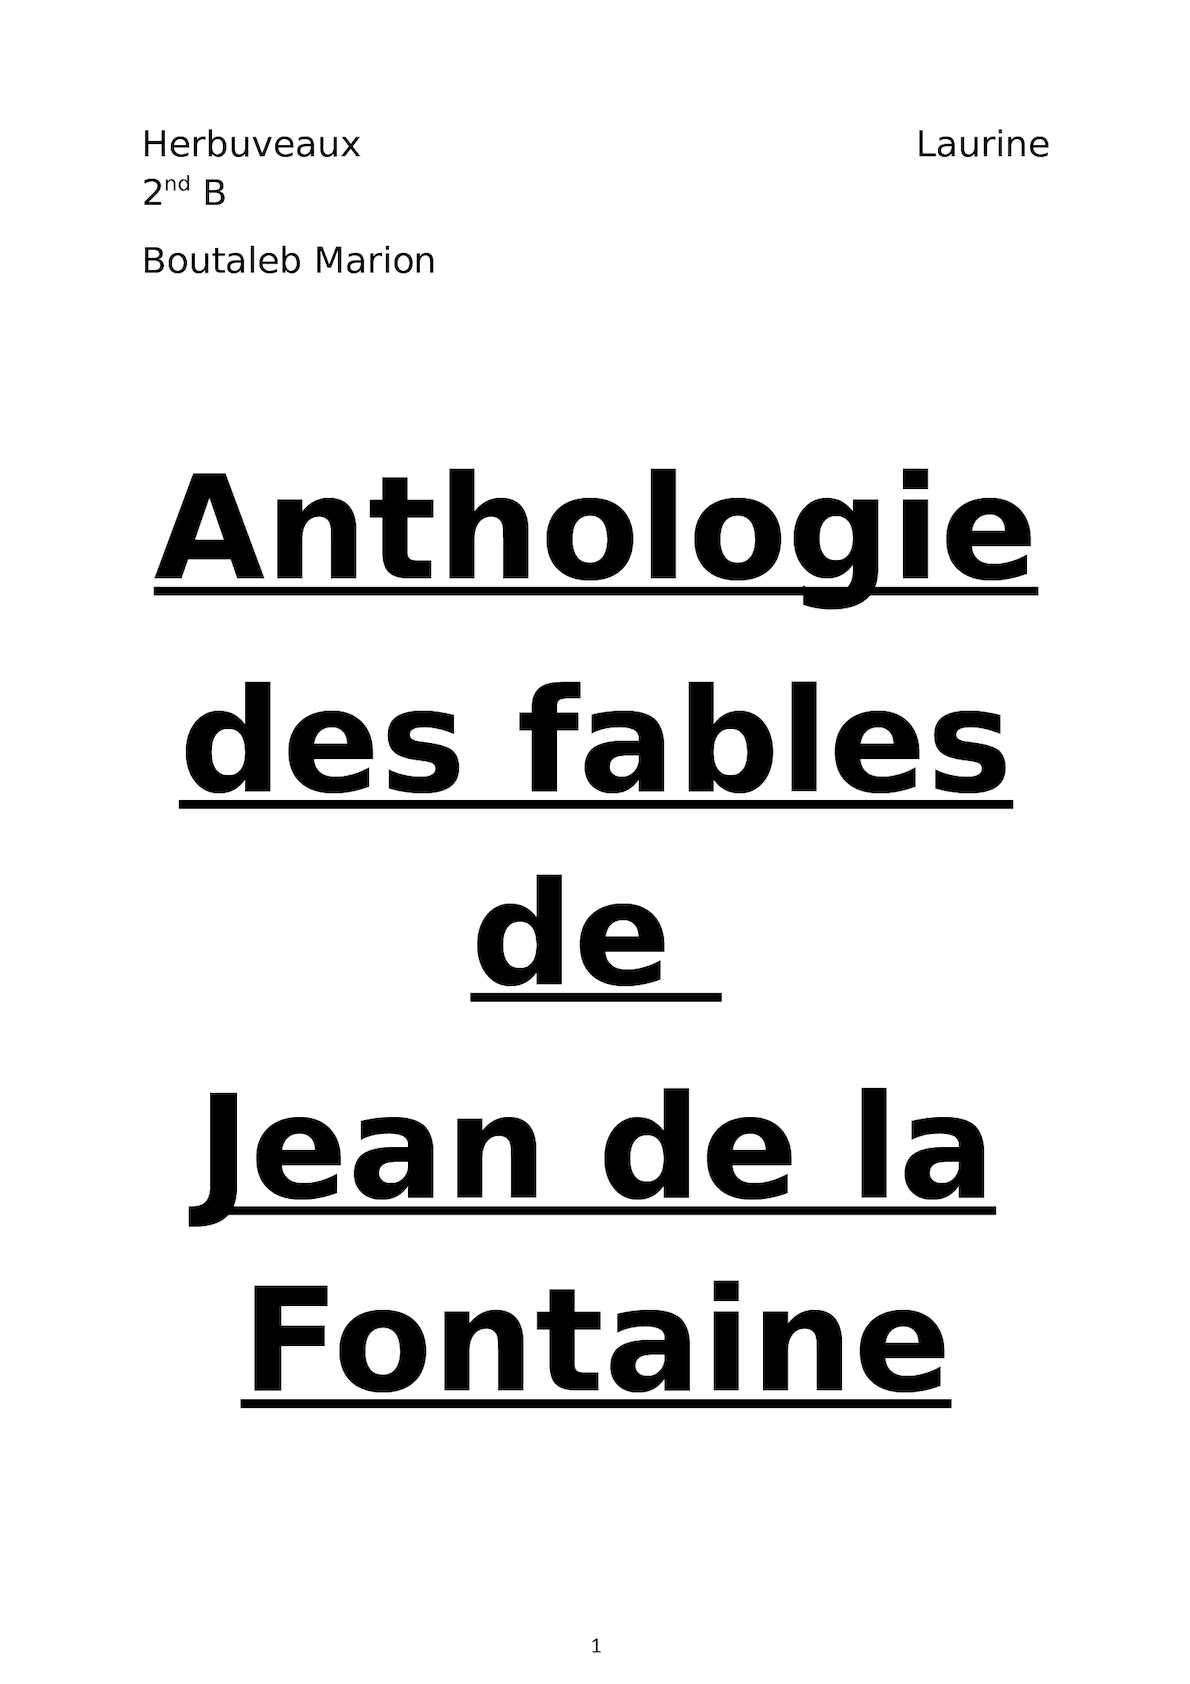 Calaméo - Anthologie des fables de la Fontaine